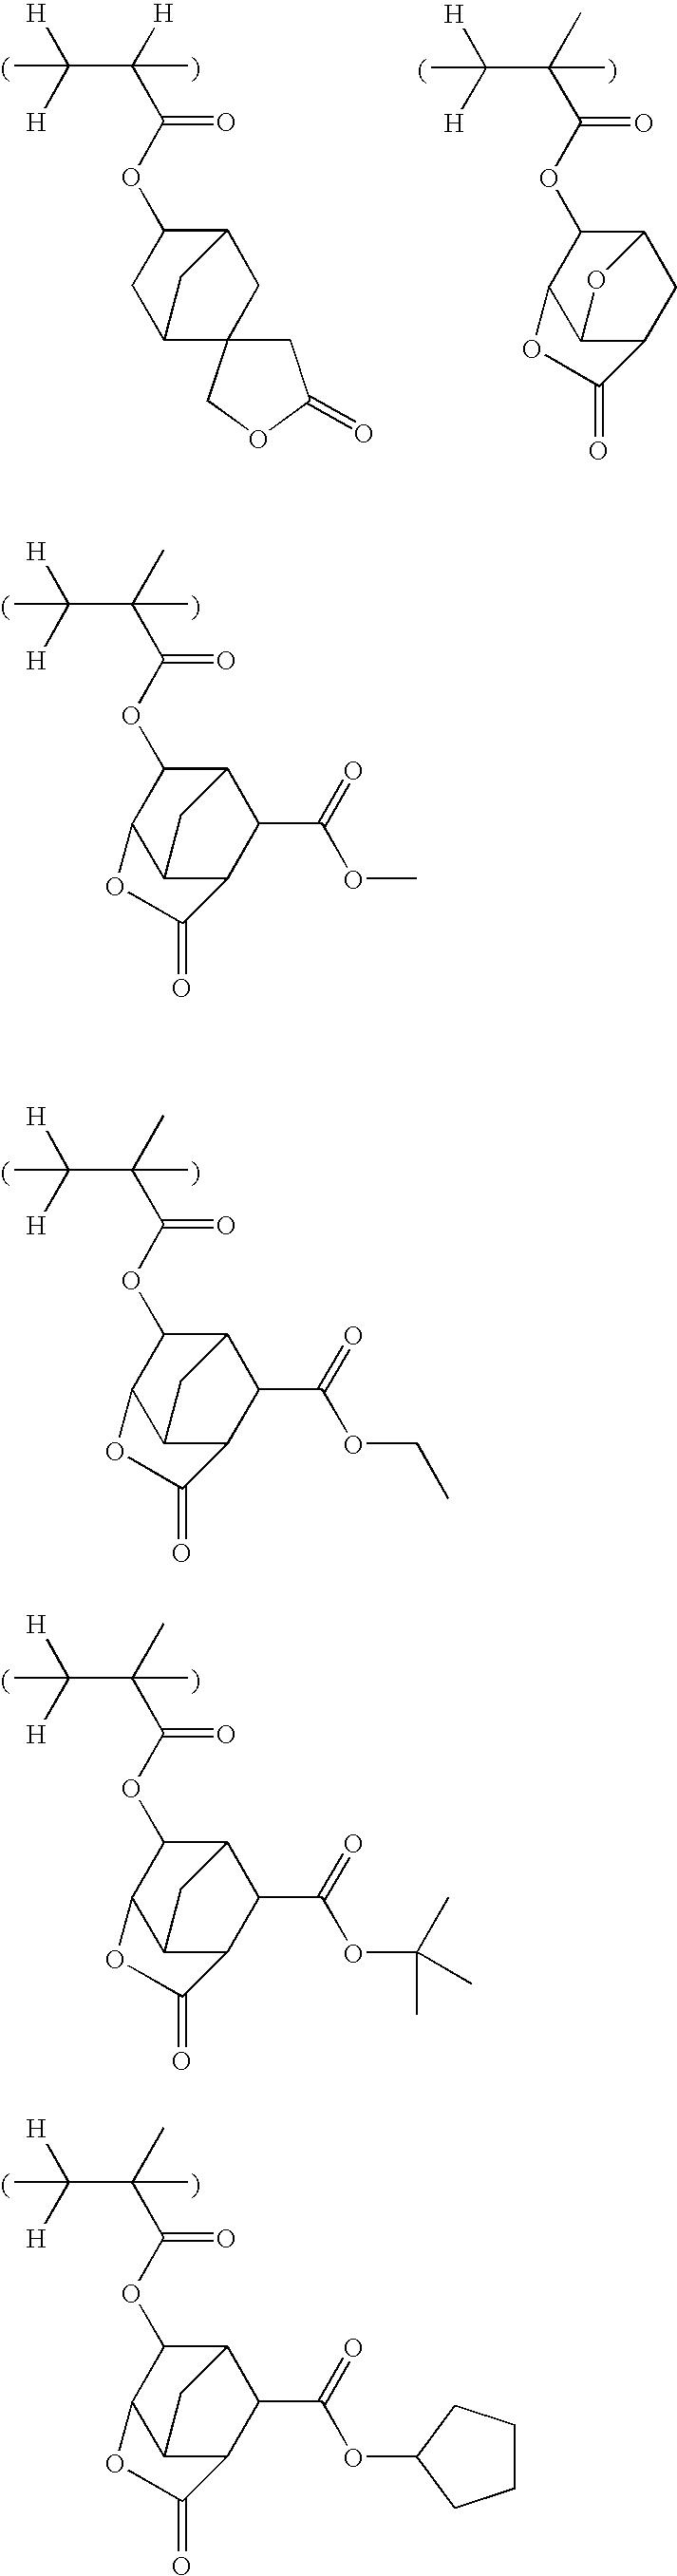 Figure US07569326-20090804-C00040